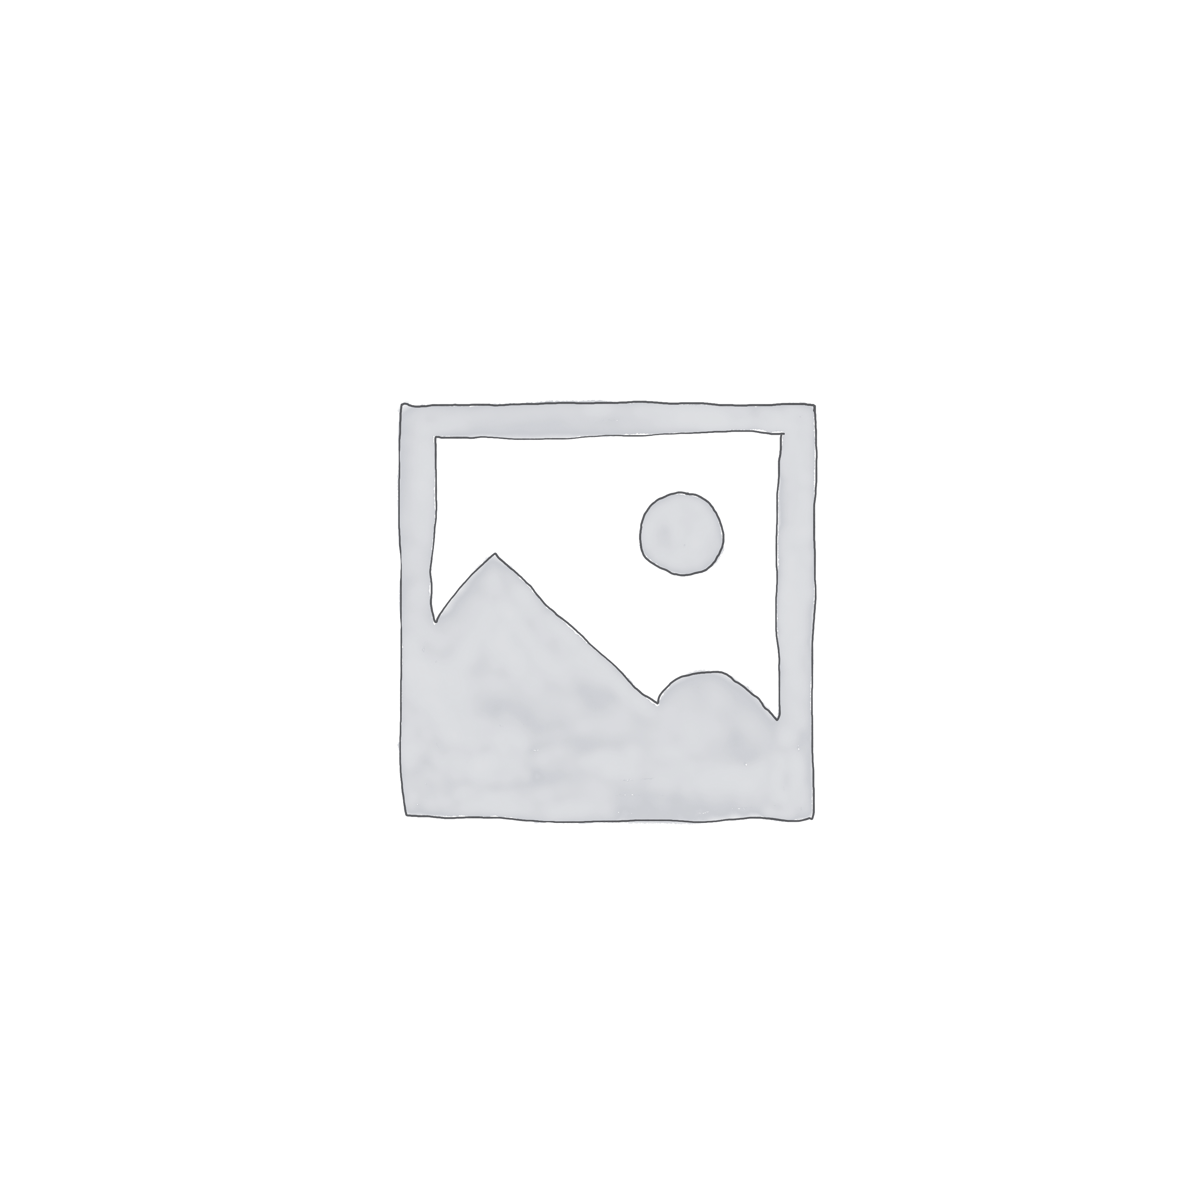 Máy Lạnh Giấu Trần Daikin FBFC140DVM/RZFC140DY1 – Inverter-5.5 HP